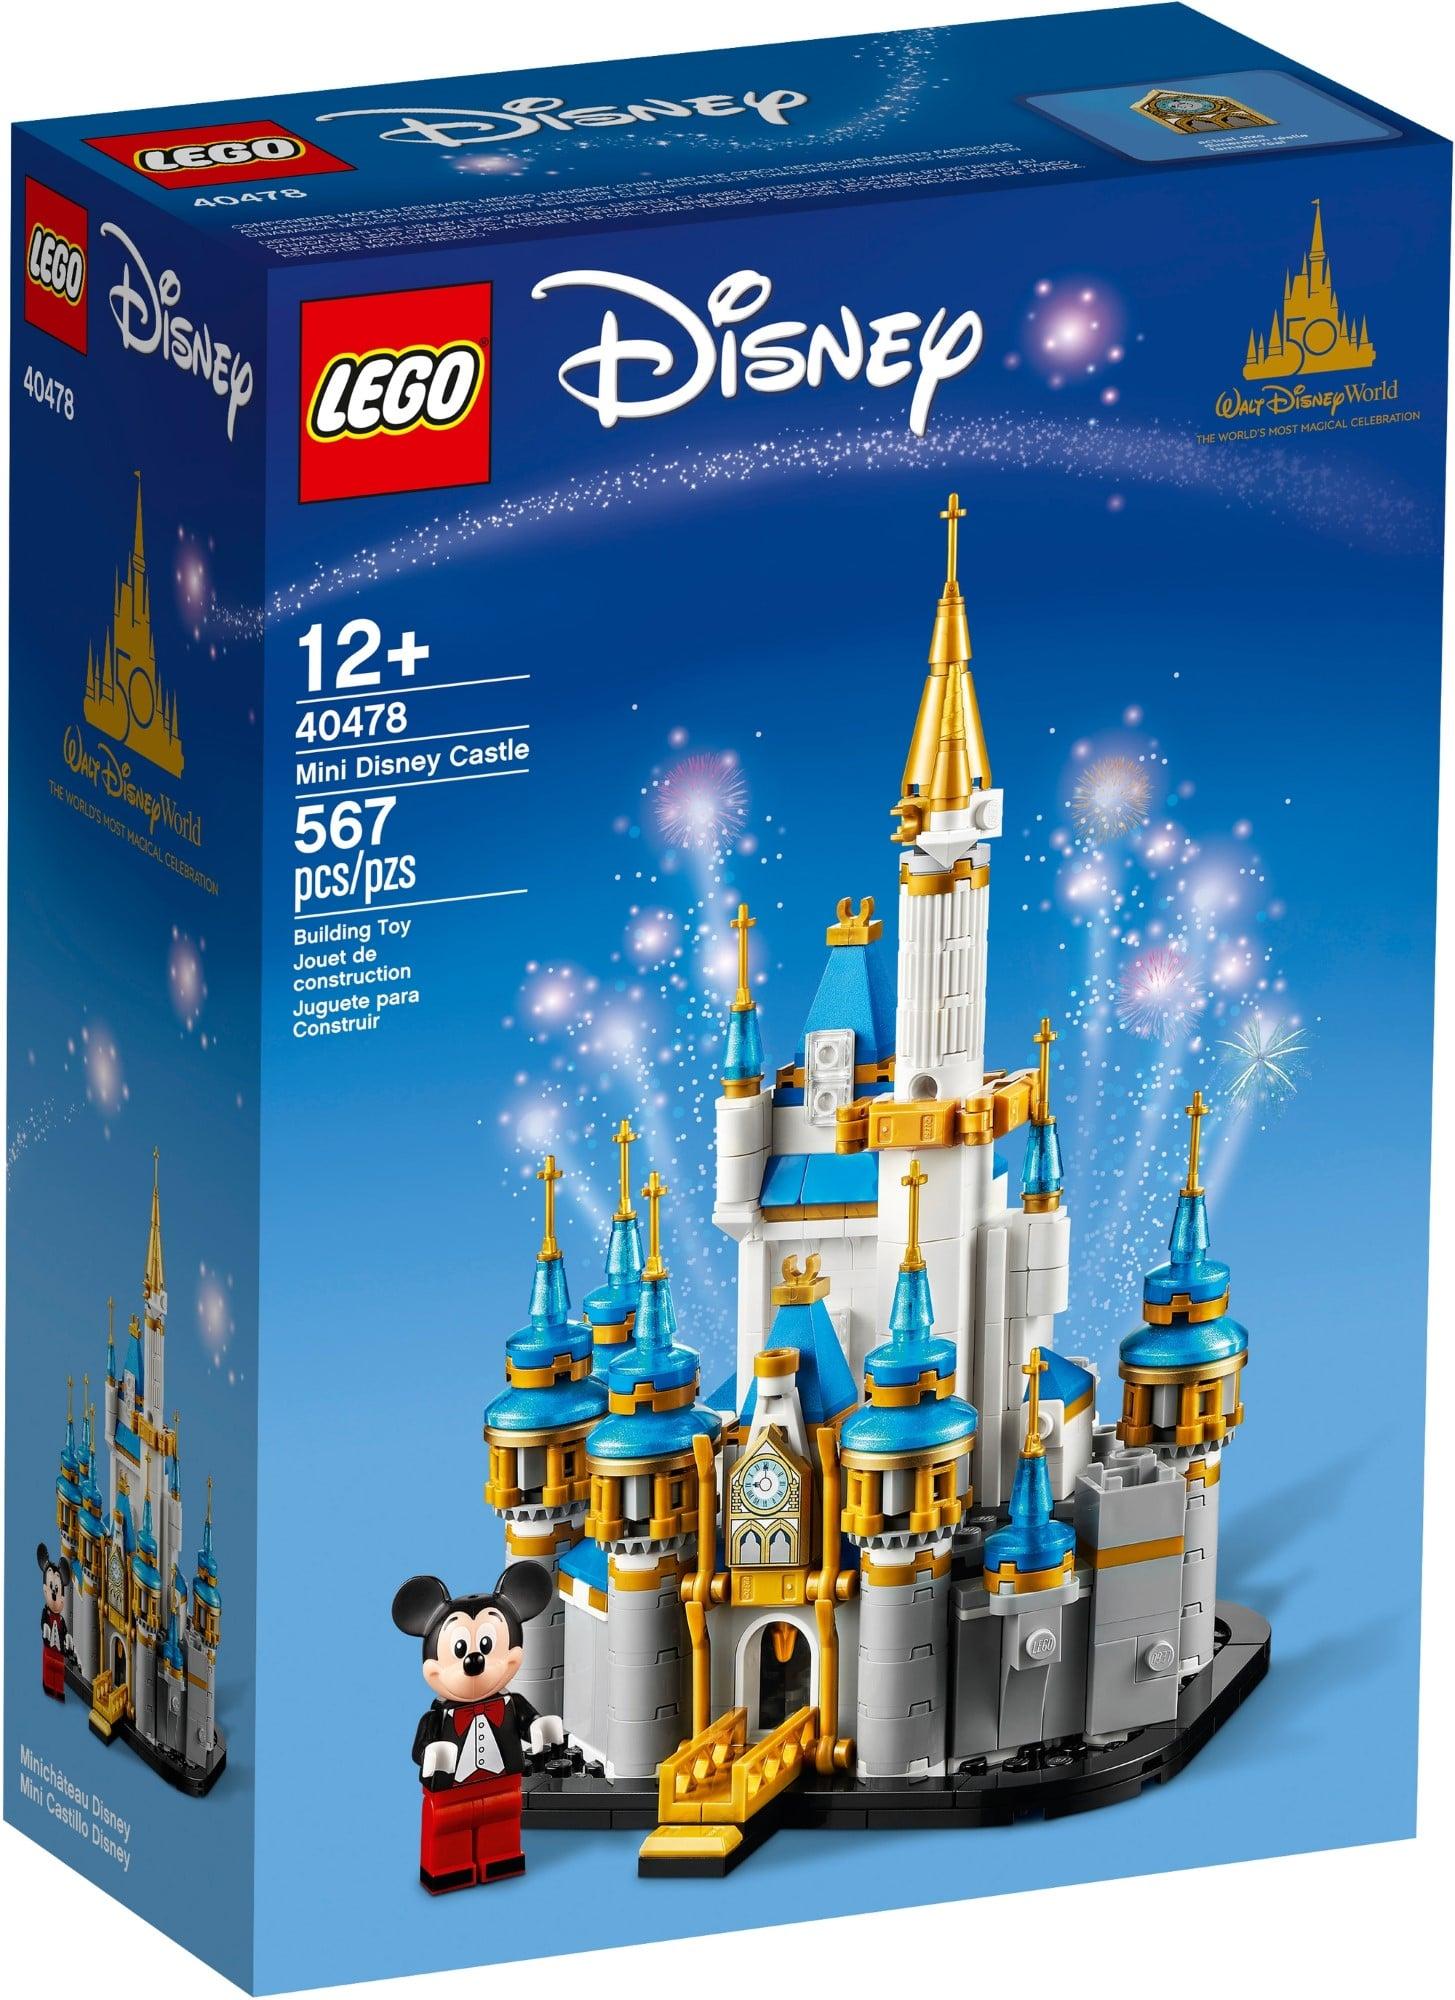 LEGO Disney 40478 Kleines Disney Schloss 2